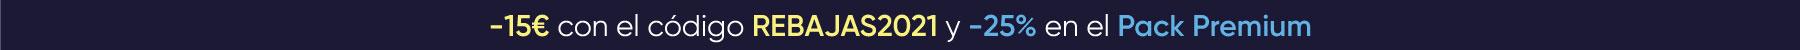 El finde del Aviento: -10€ con el codigo NAVIDAD2020